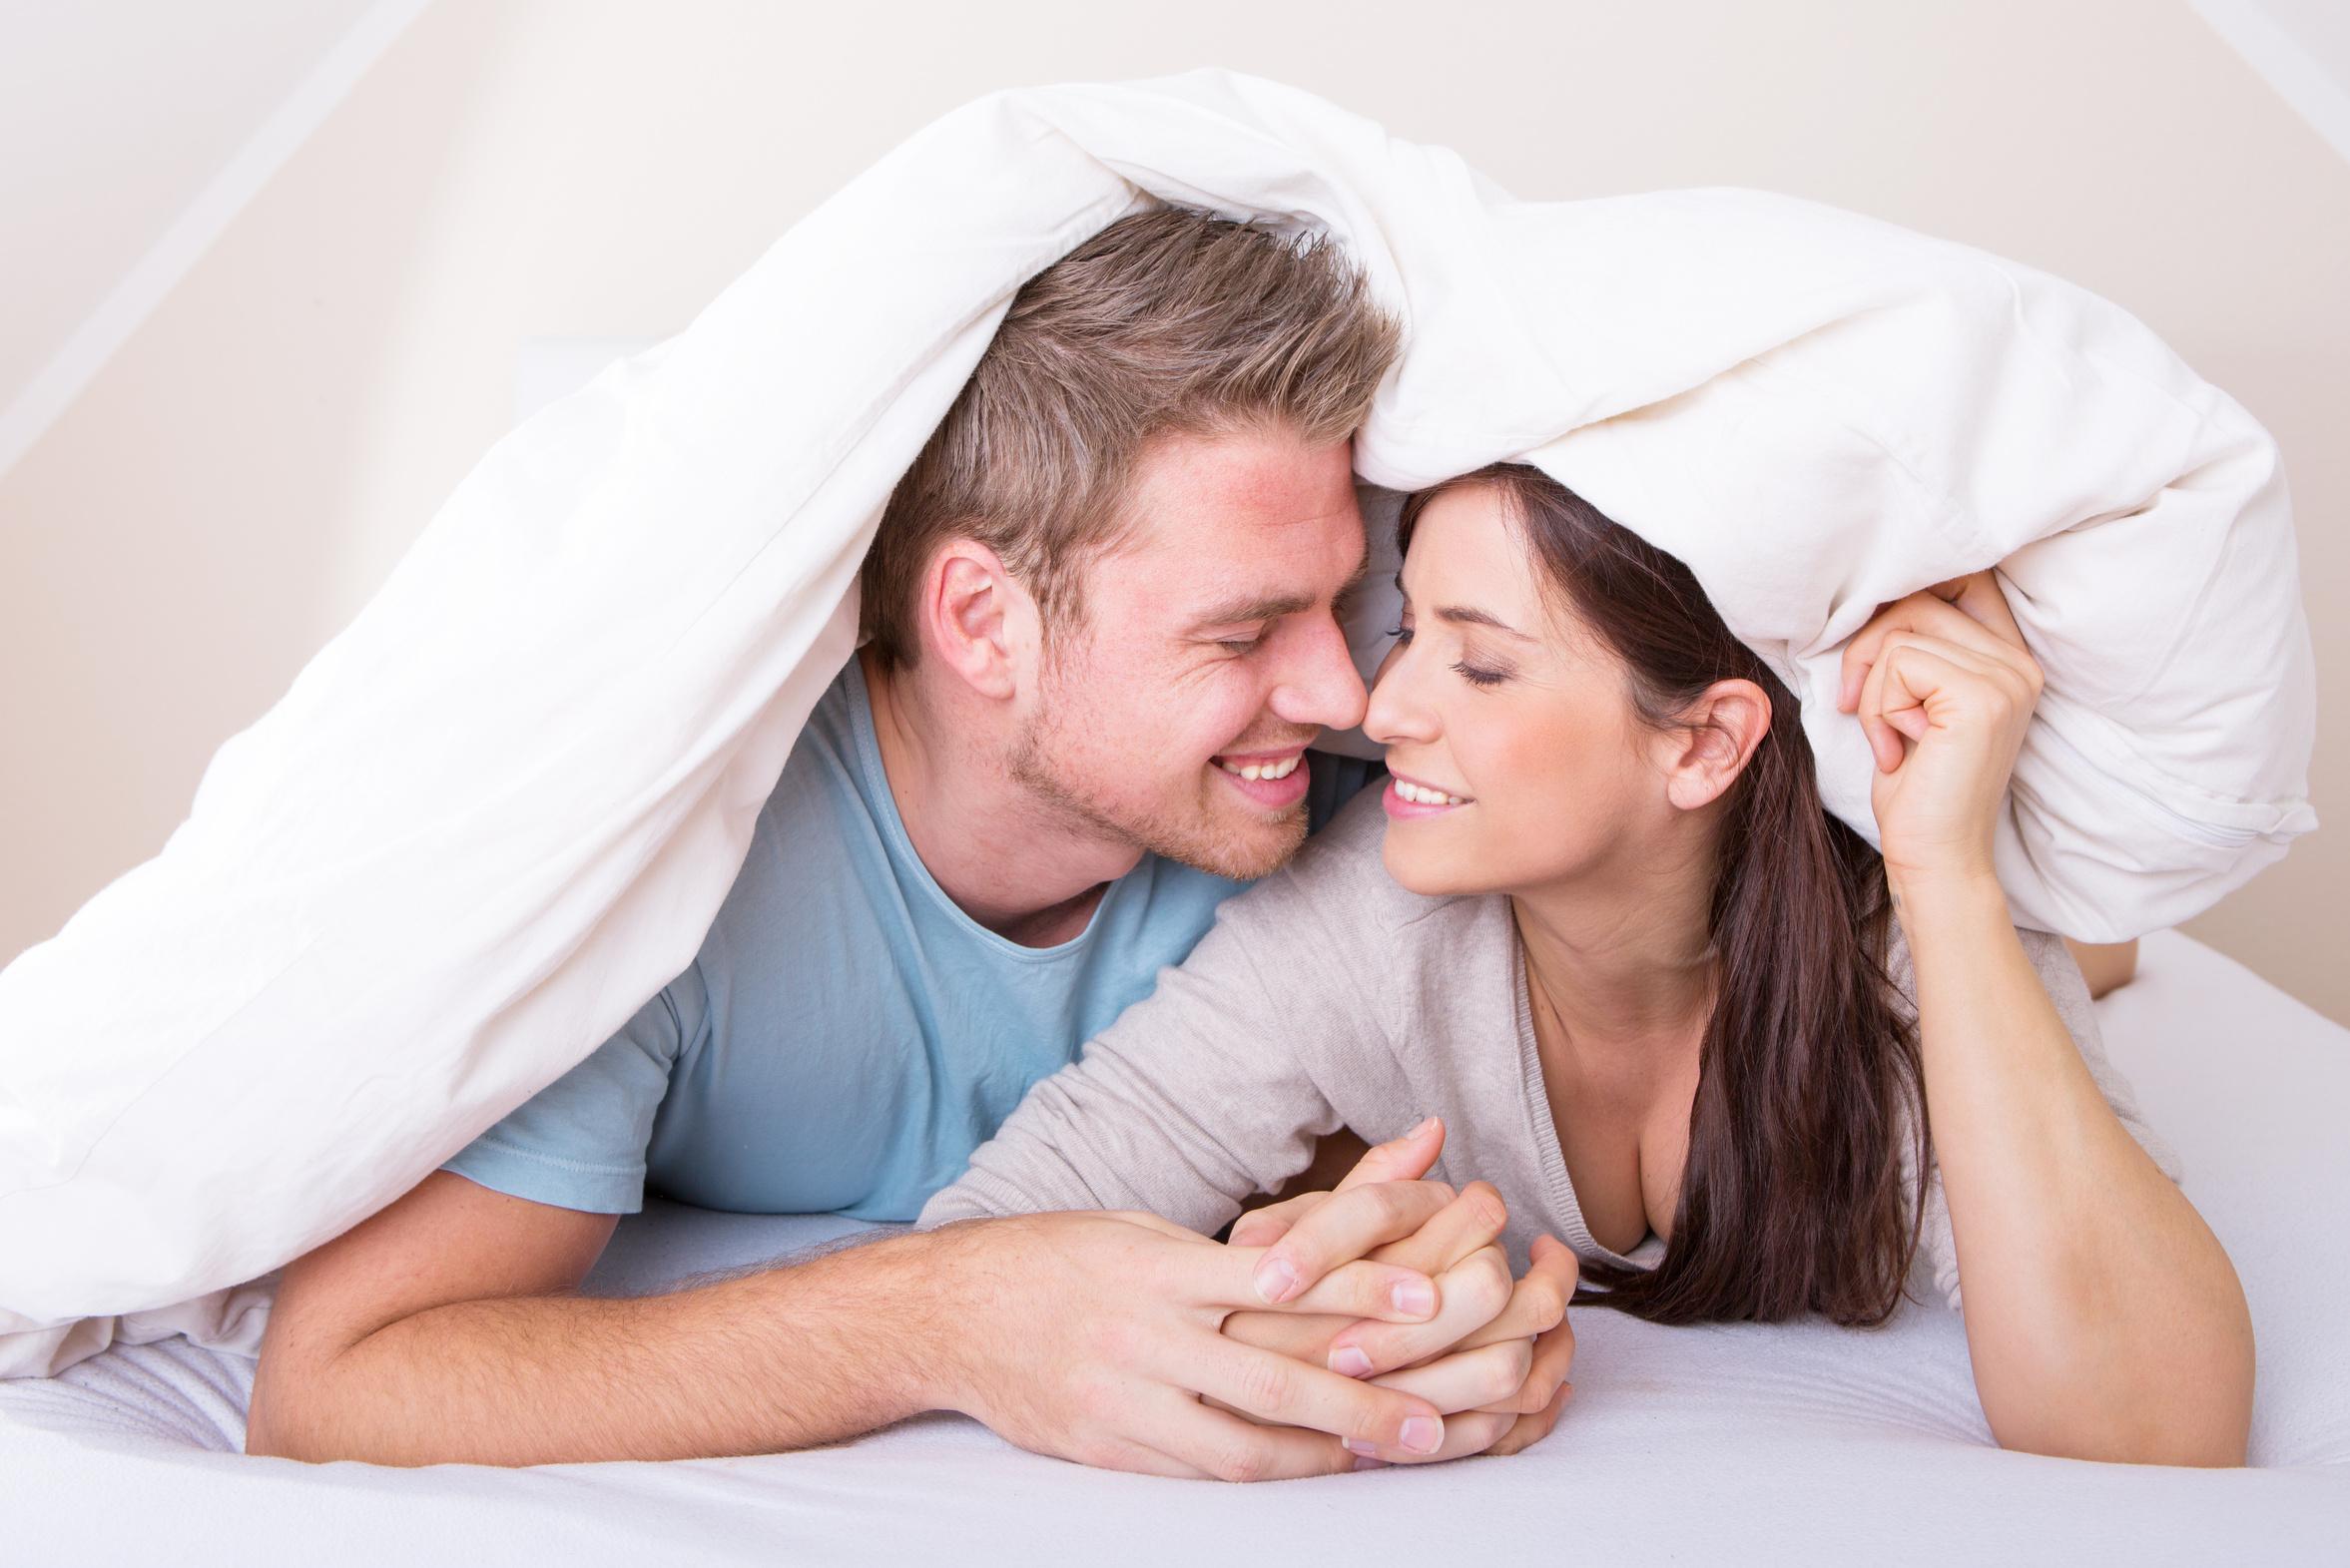 здоровье мужчины и секс